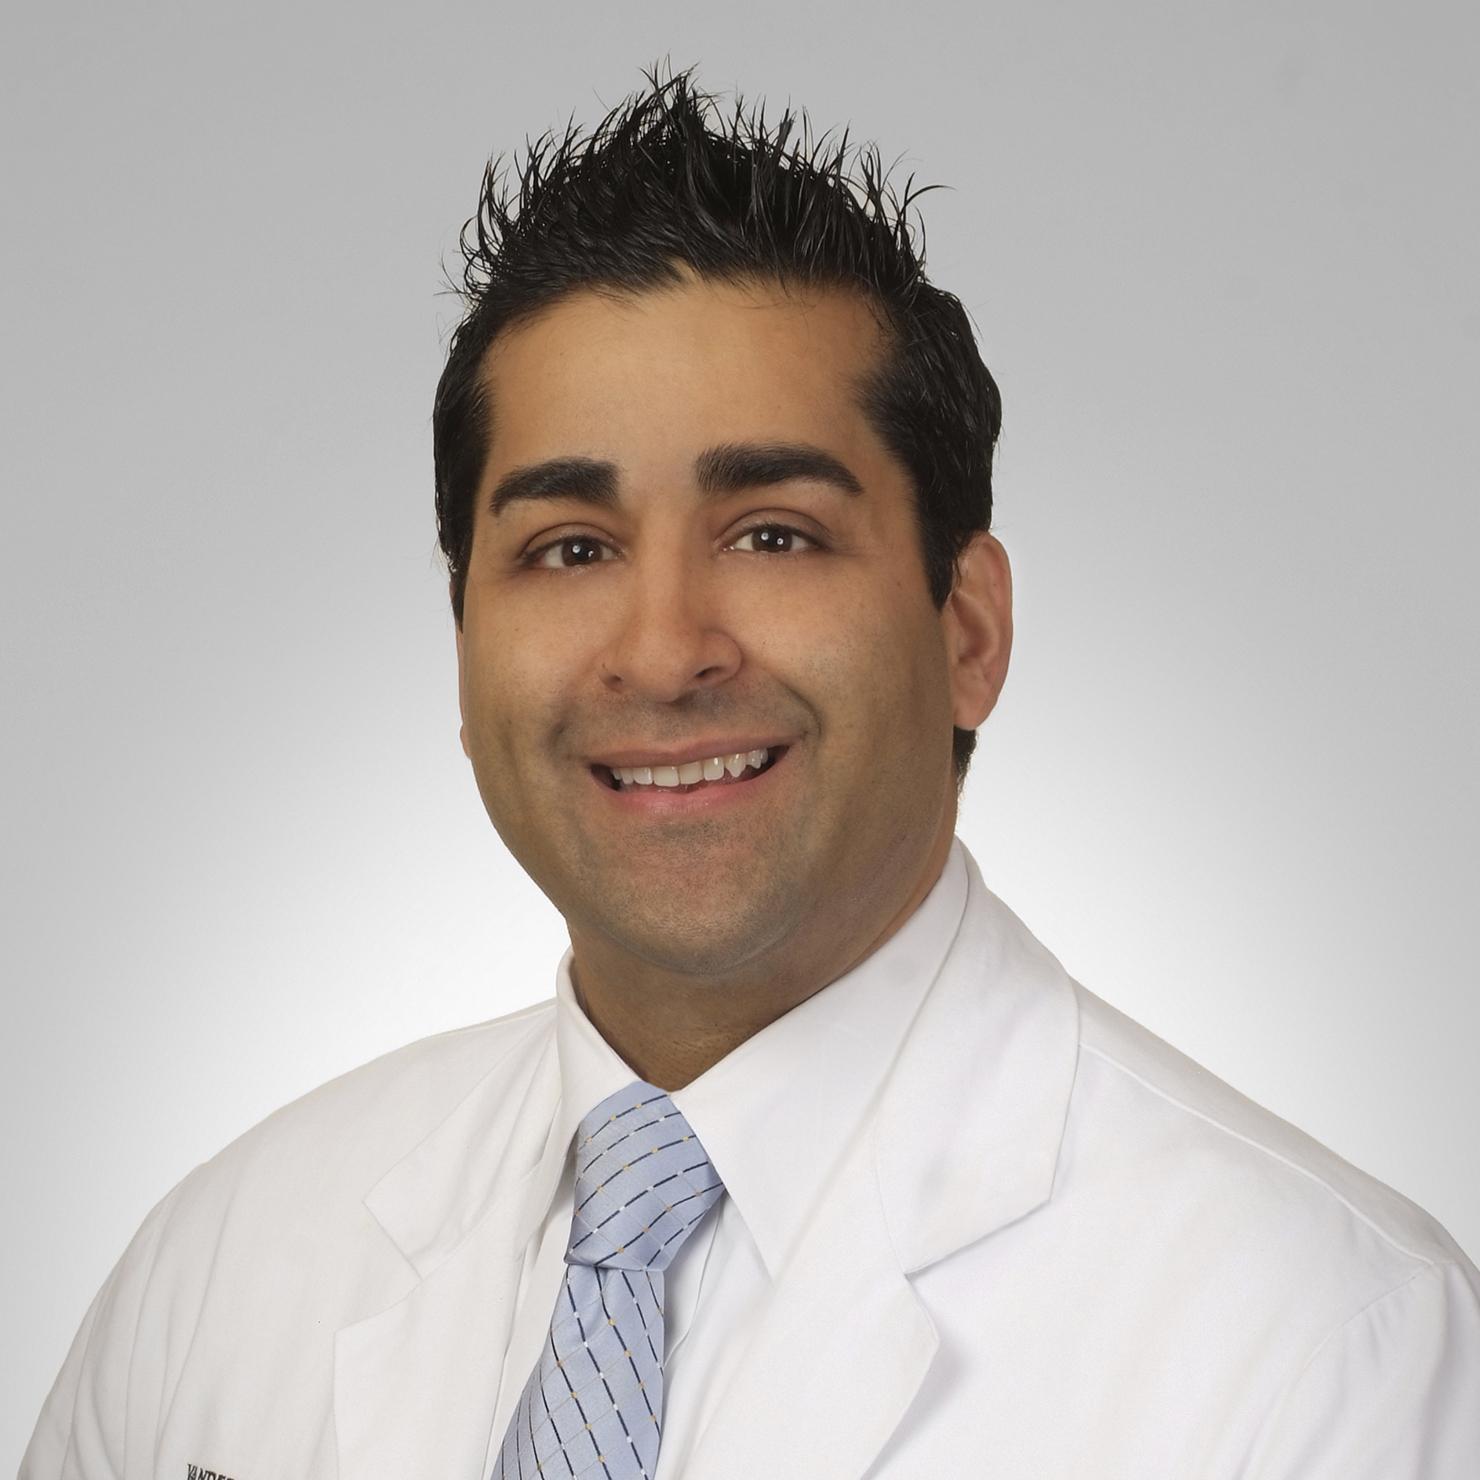 Amit N. Keswani, MD, FACC